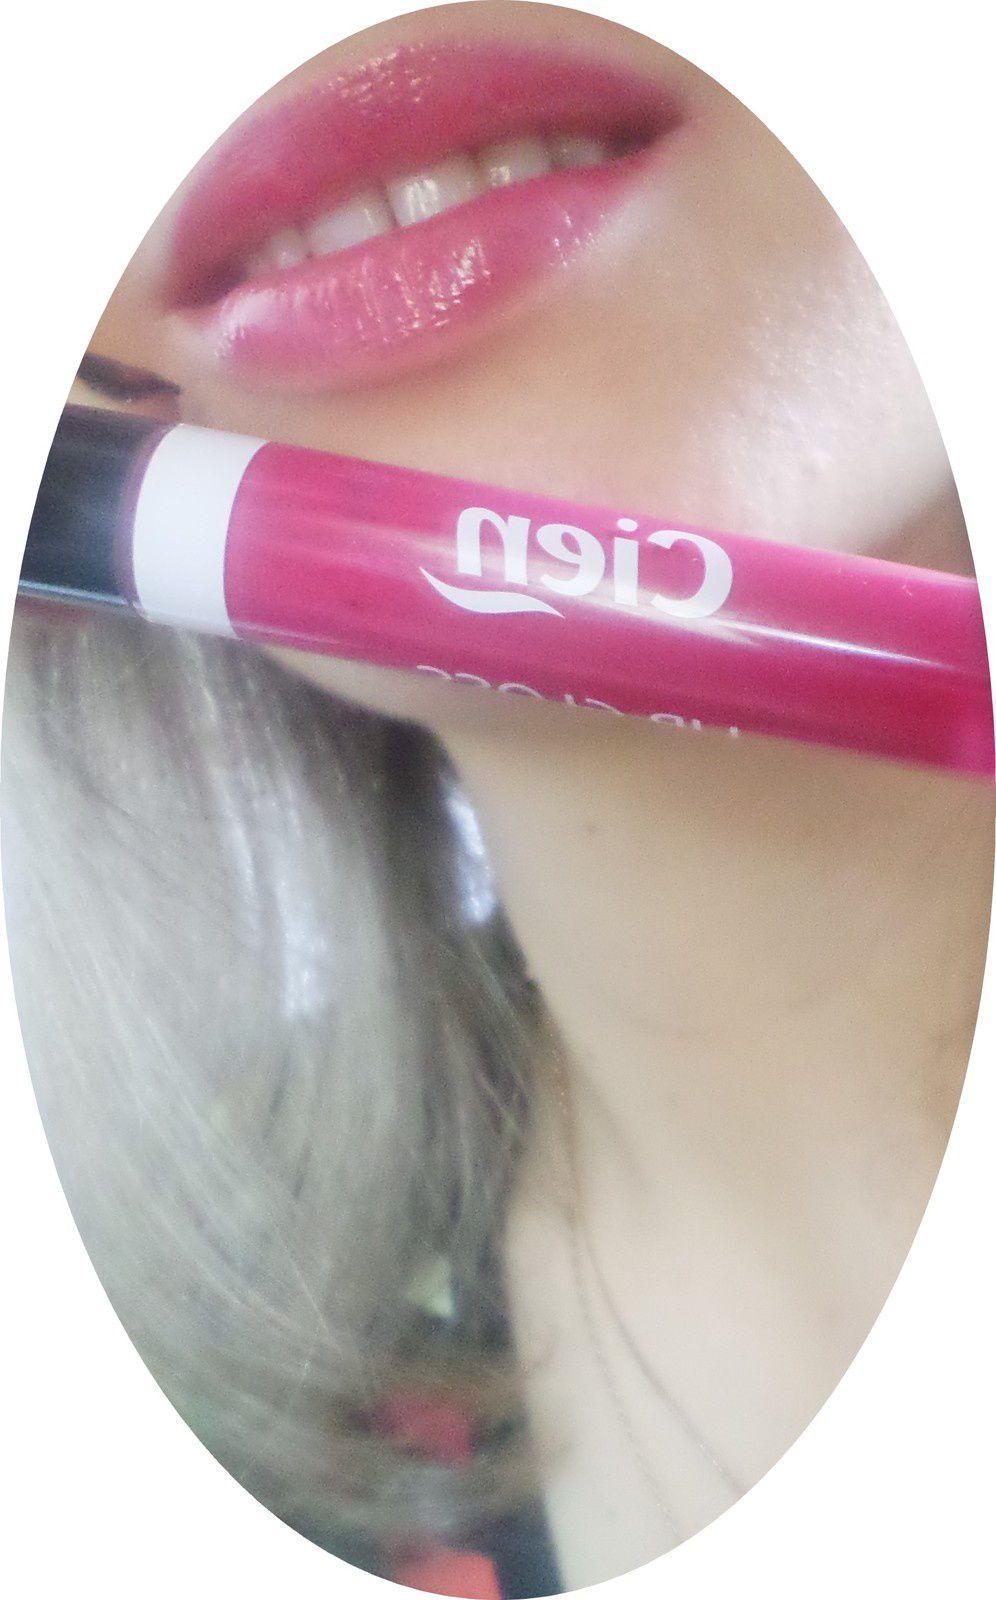 Gloss Cien, de Liddl, les cosmétiques à petits prix !